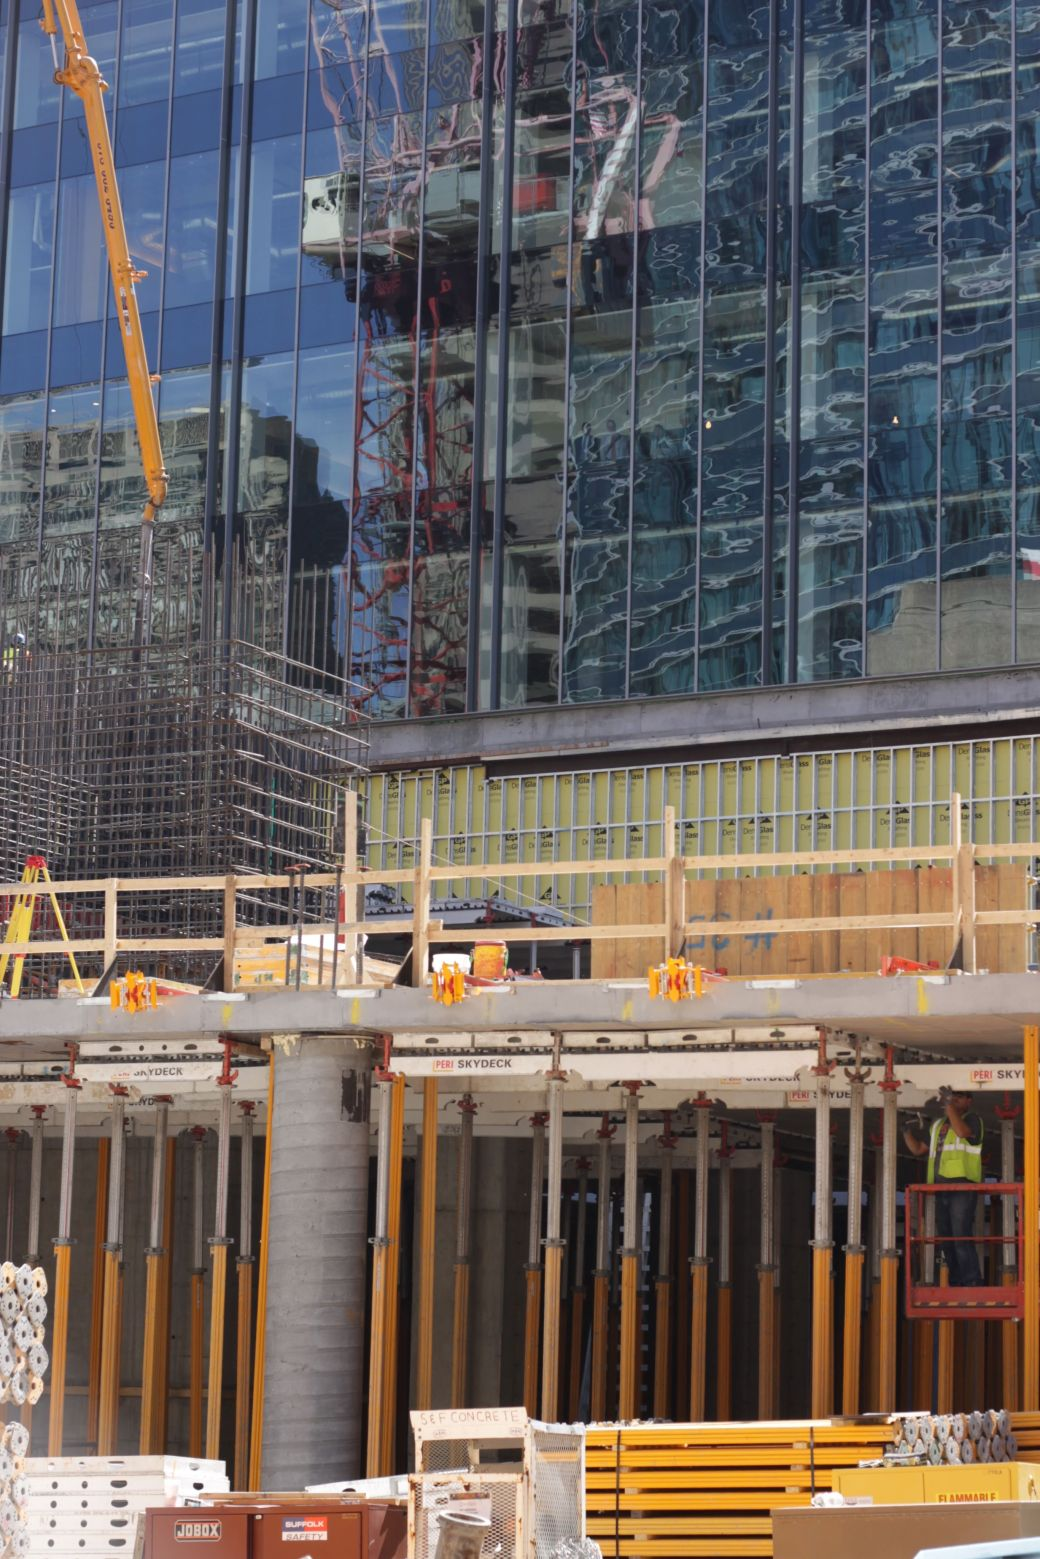 boston-millenium-tower-august-20-2014-2